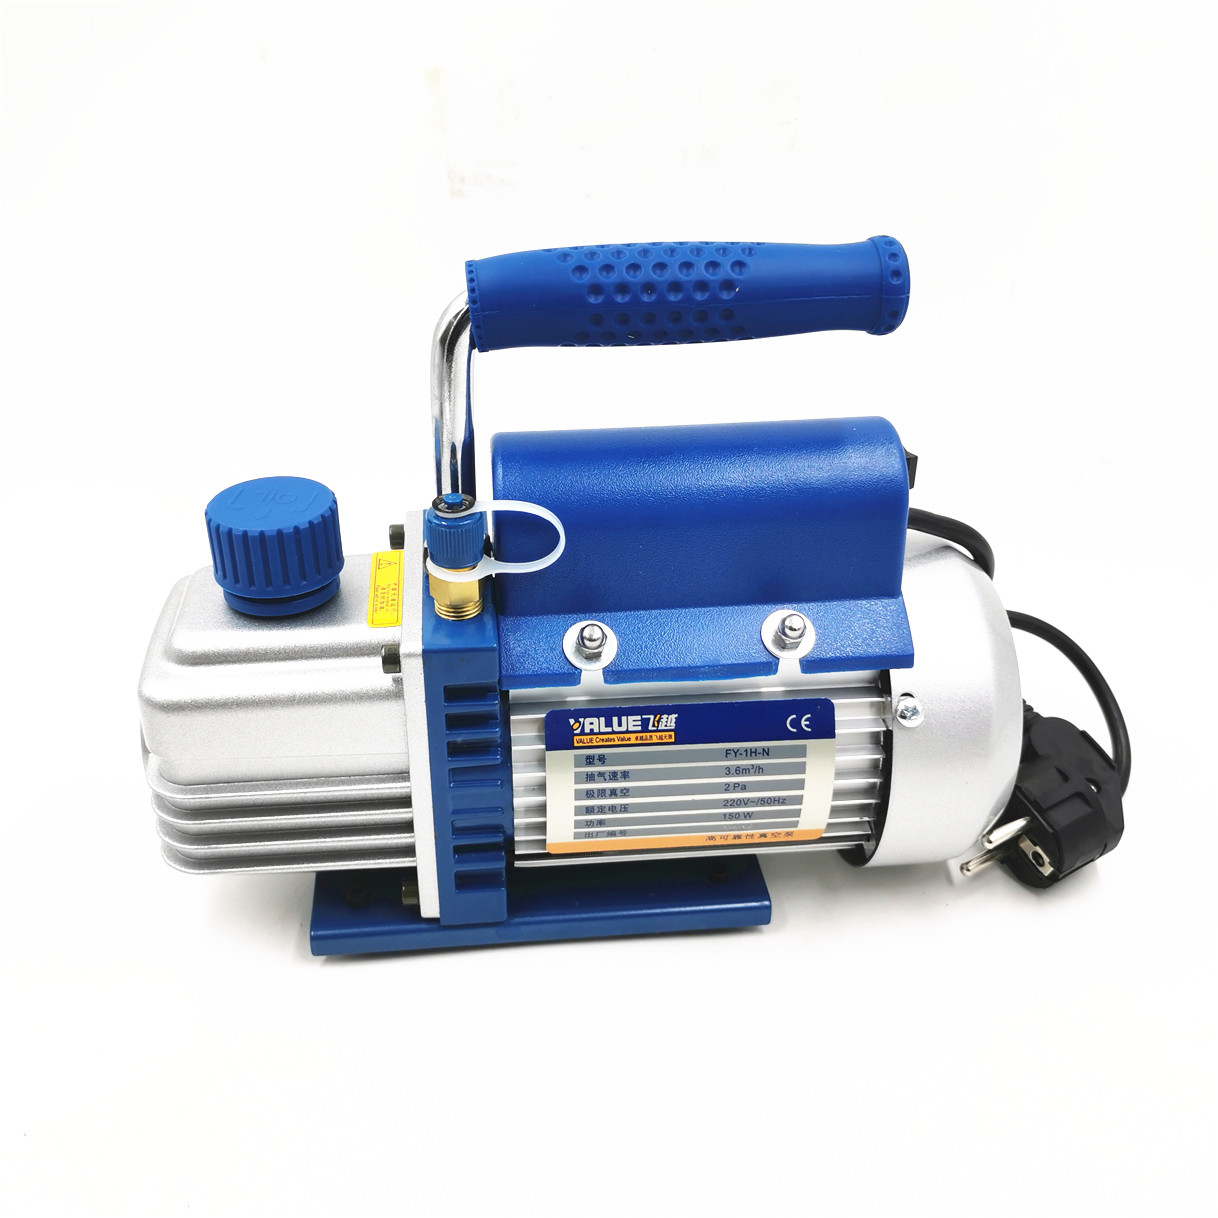 FY 1H N Мини Портативный Воздушный вакуумный насос 2PA Окончательный вакуум для ламинатора и сепаратора ЖК экрана 150 Вт 220 В